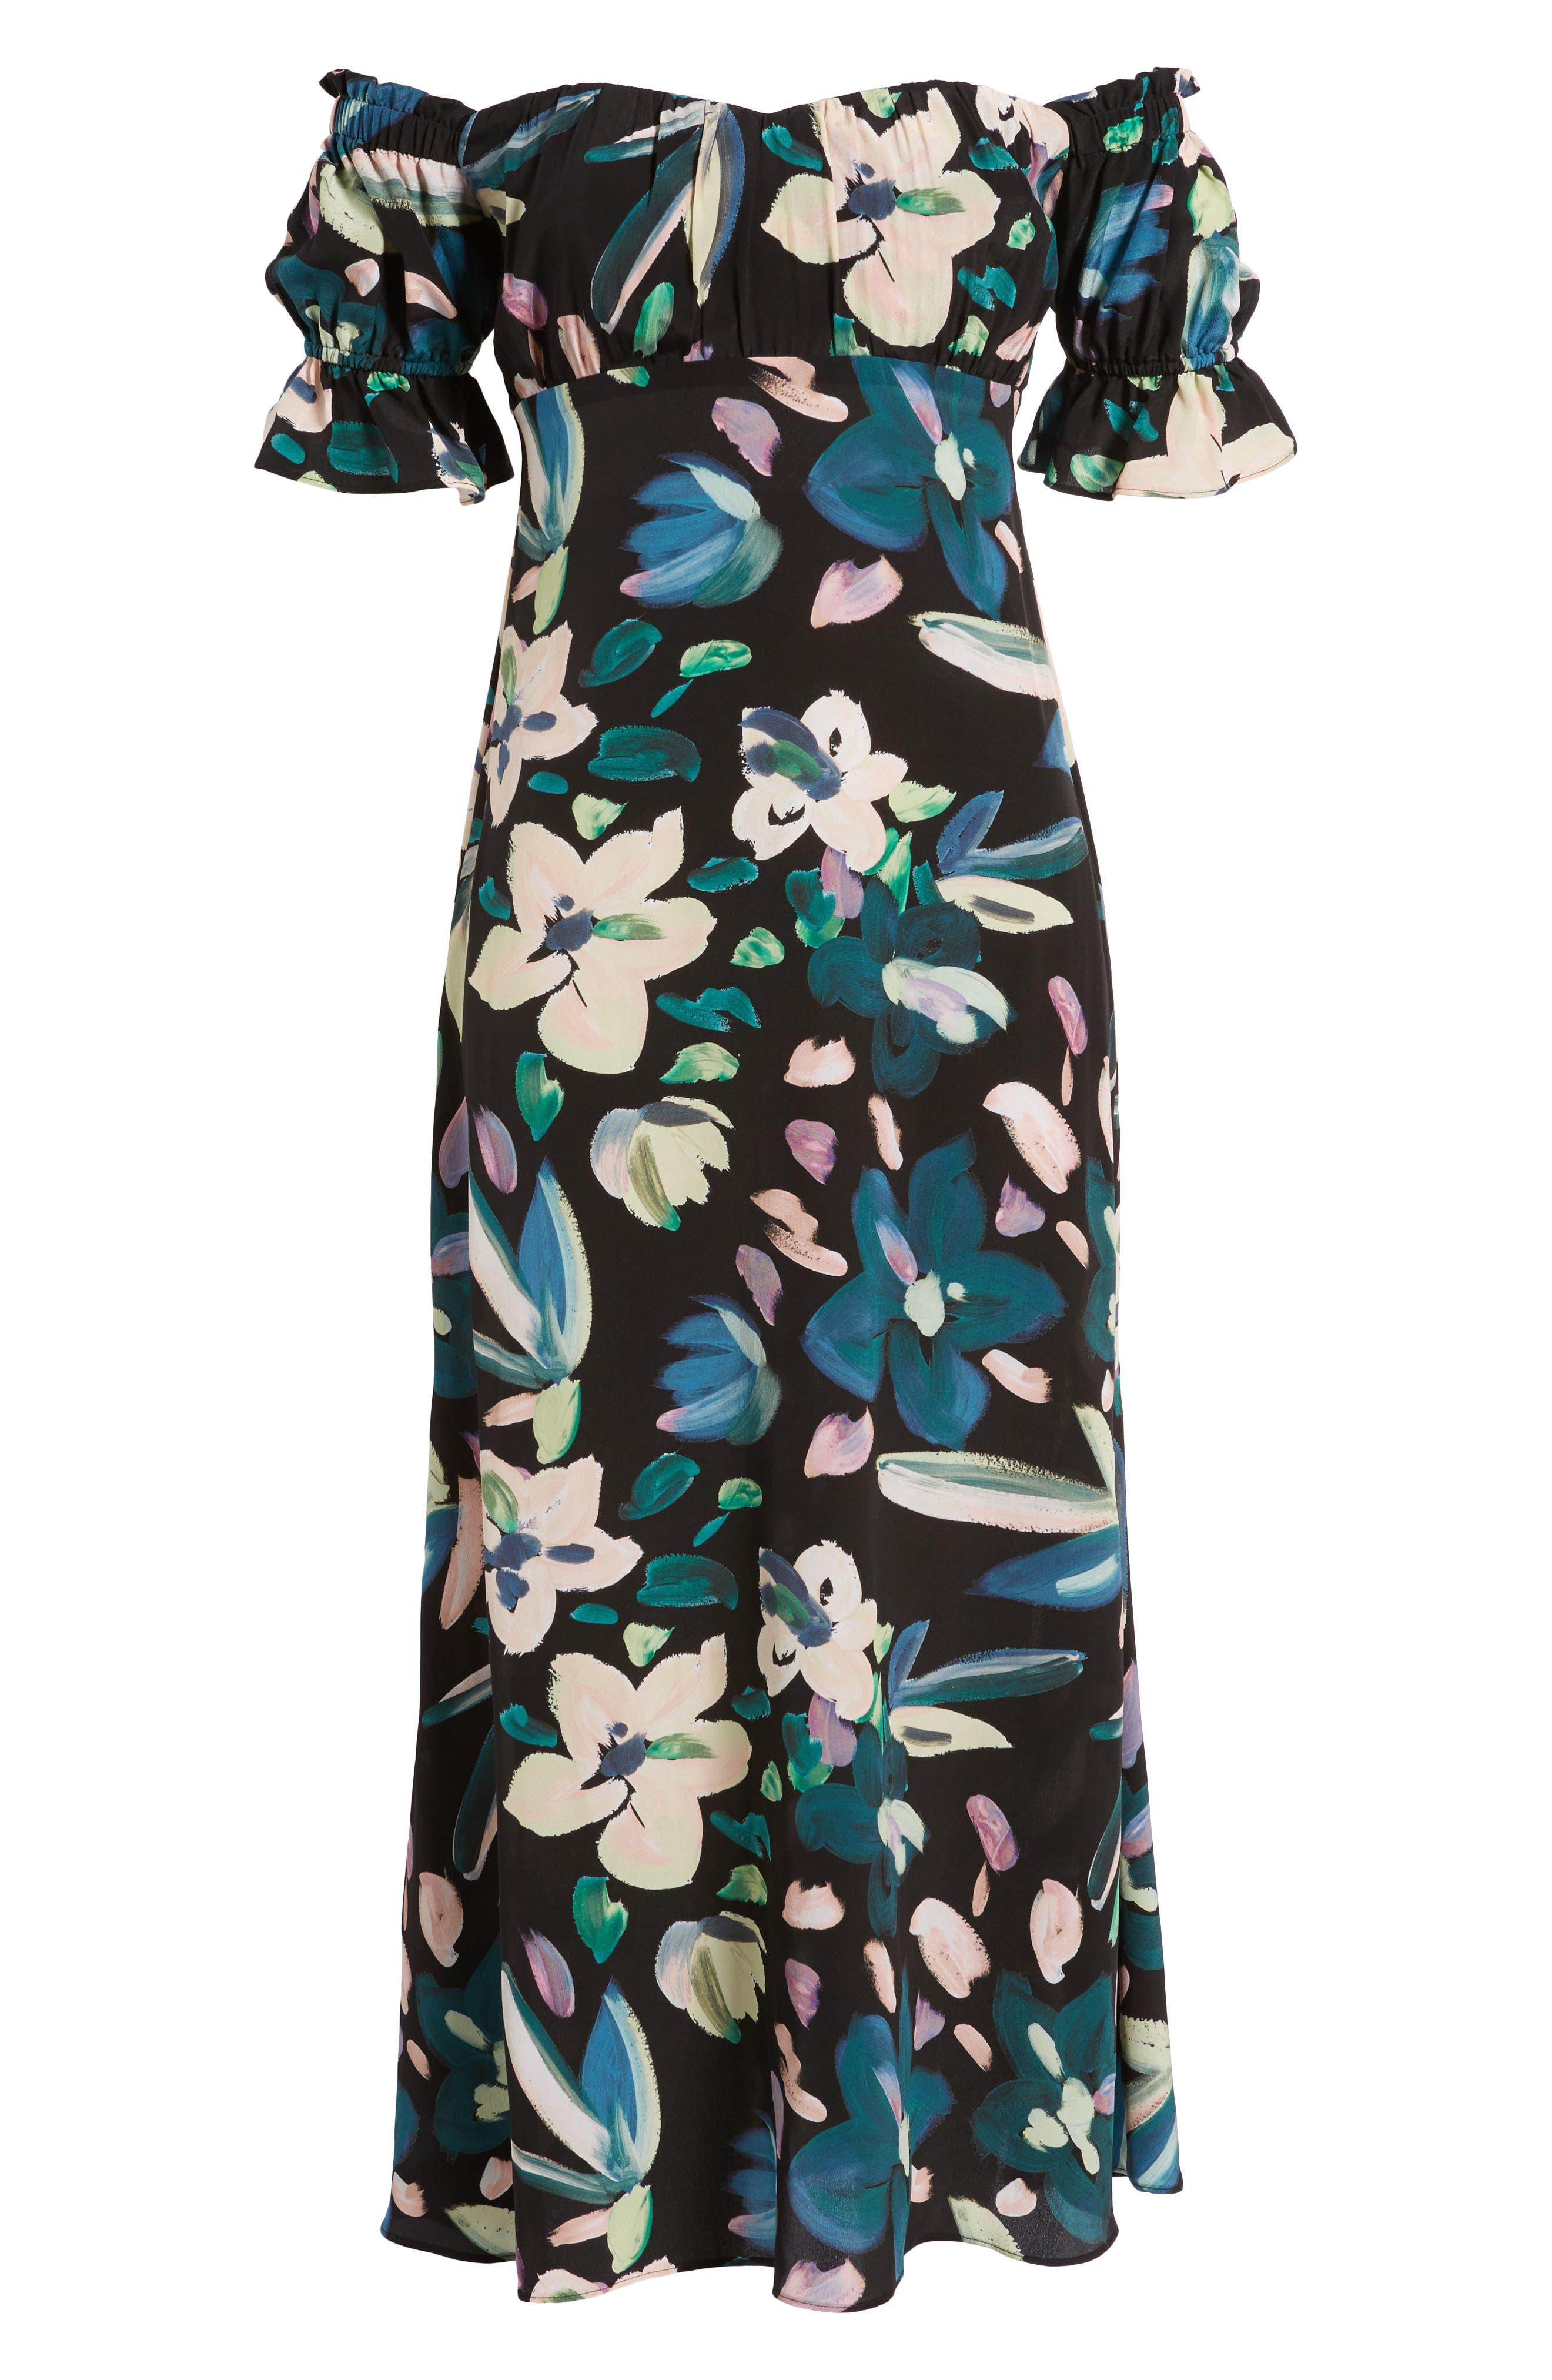 Flores Off the Shoulder Midi Dress,                             Alternate thumbnail 6, color,                             001